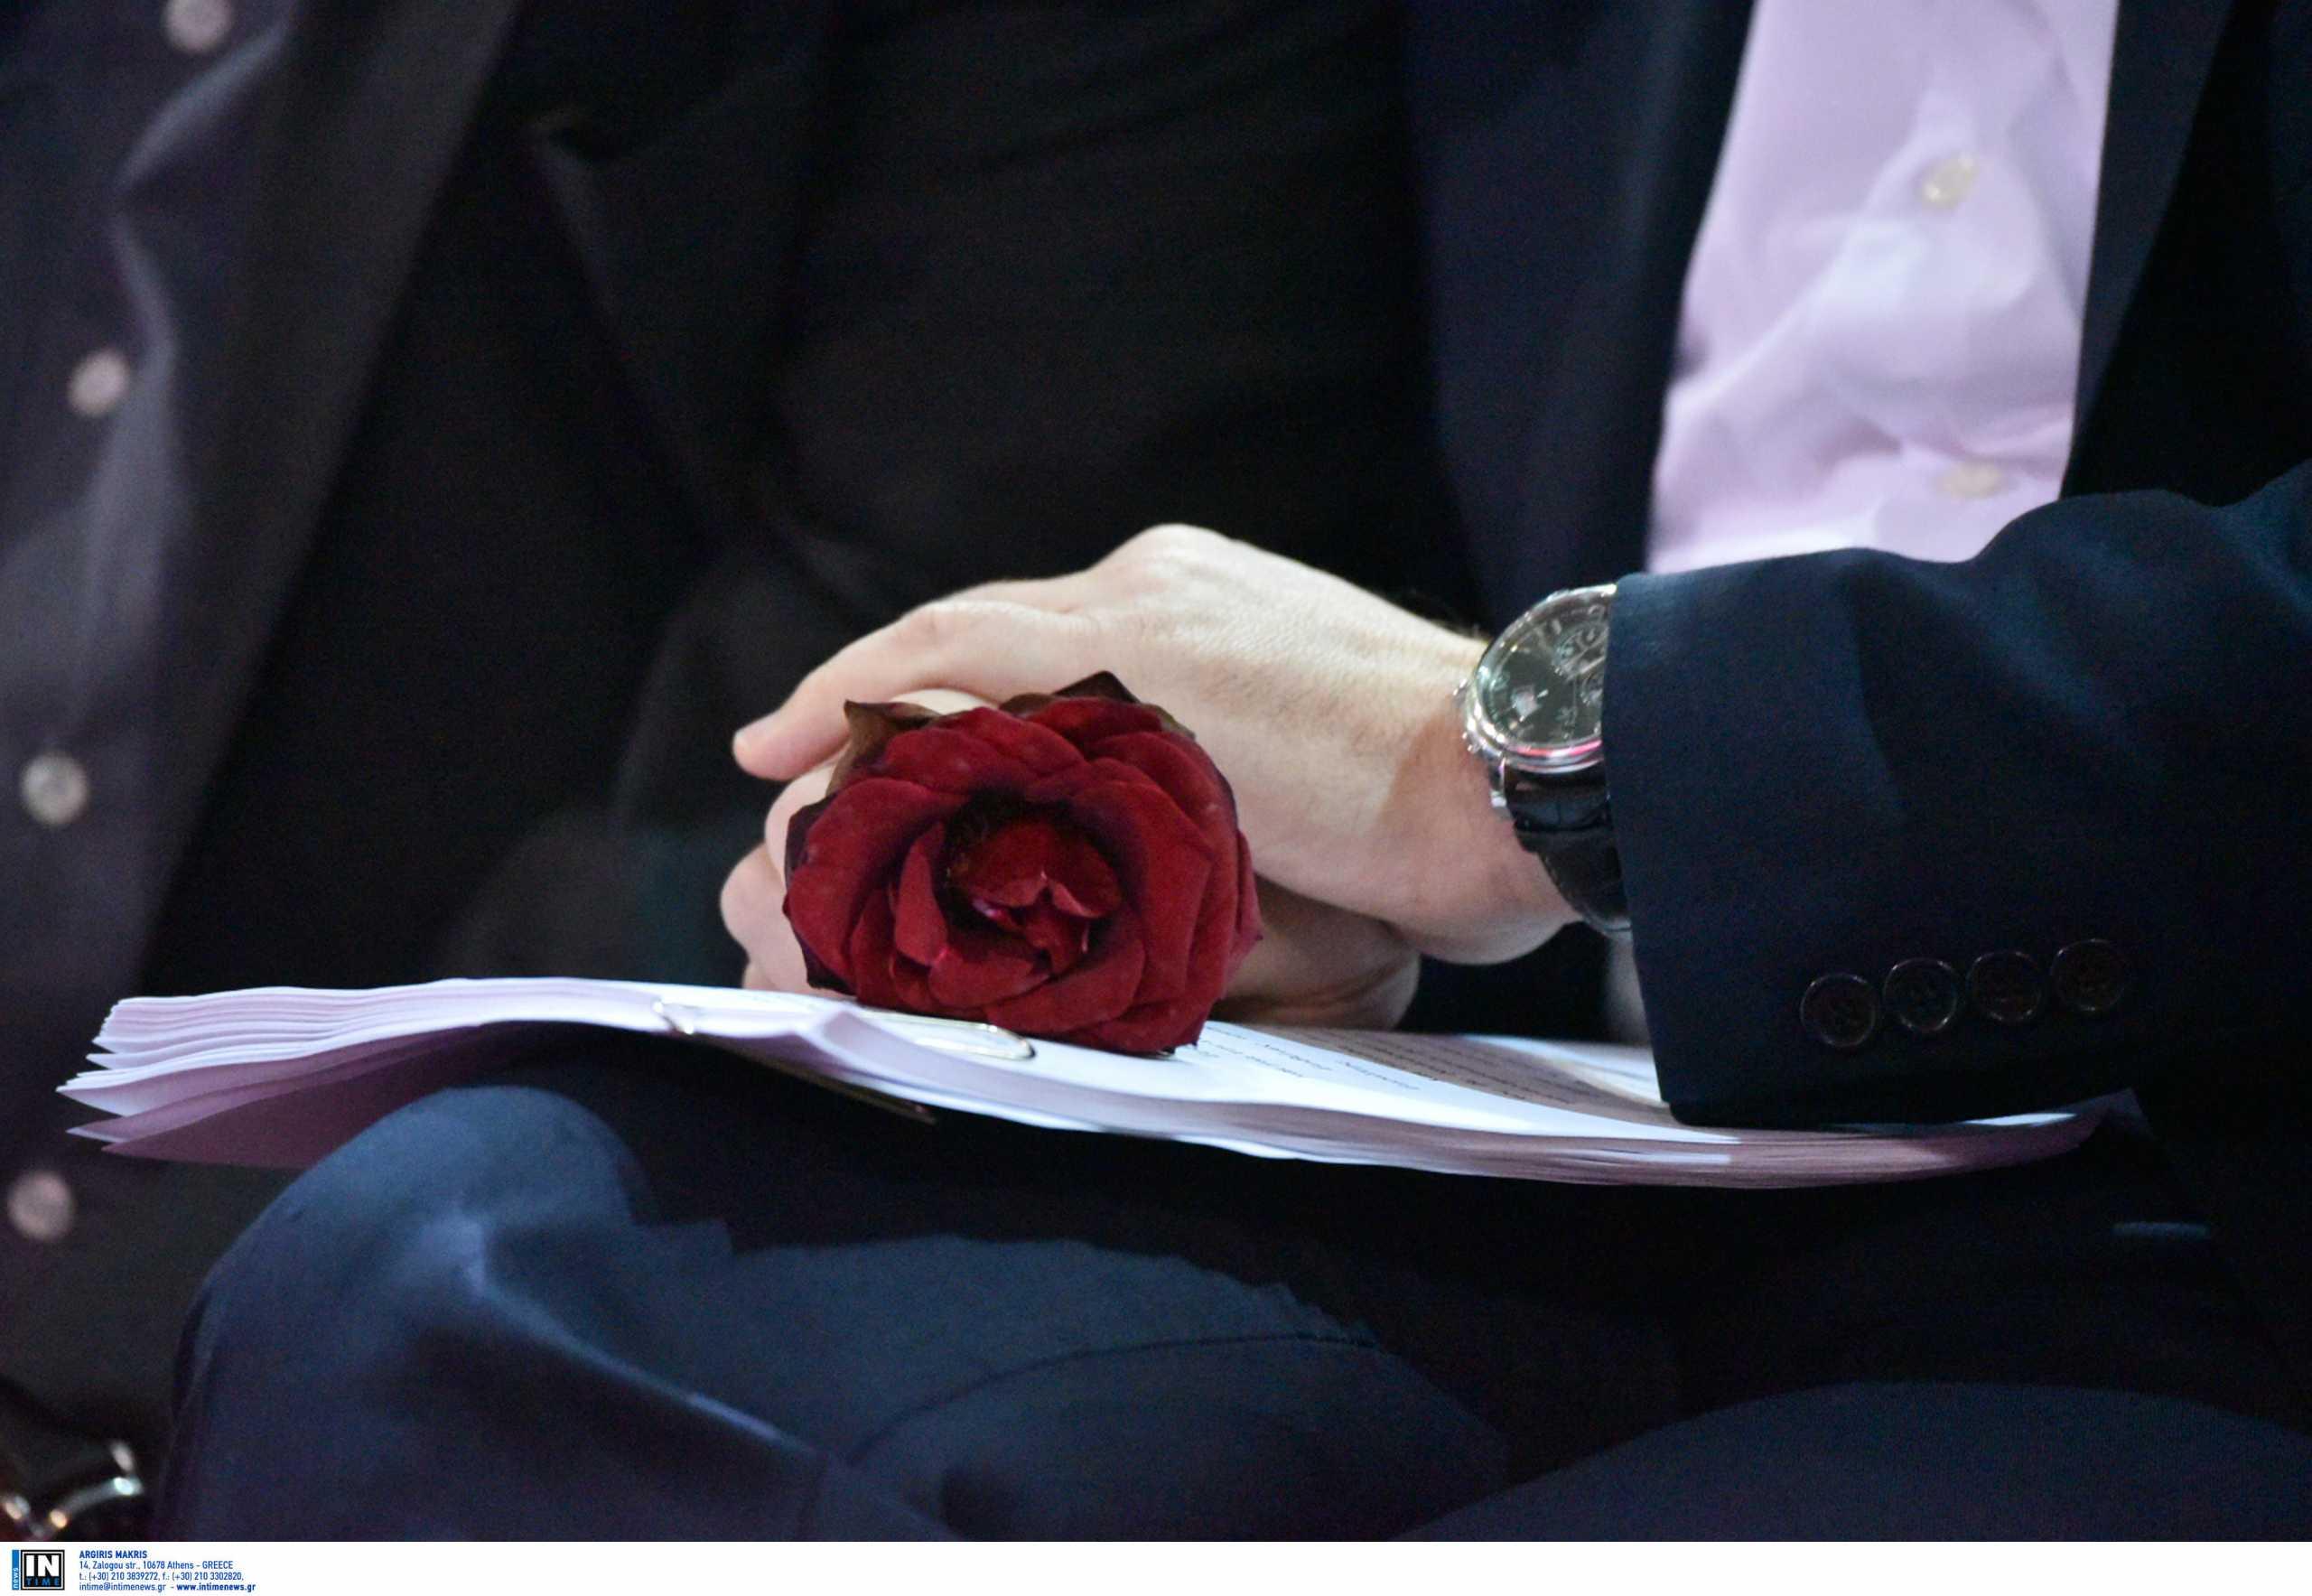 Πέθανε ο δεξιοτέχνης του μπουζουκιού Βαγγέλης Λιόλιος